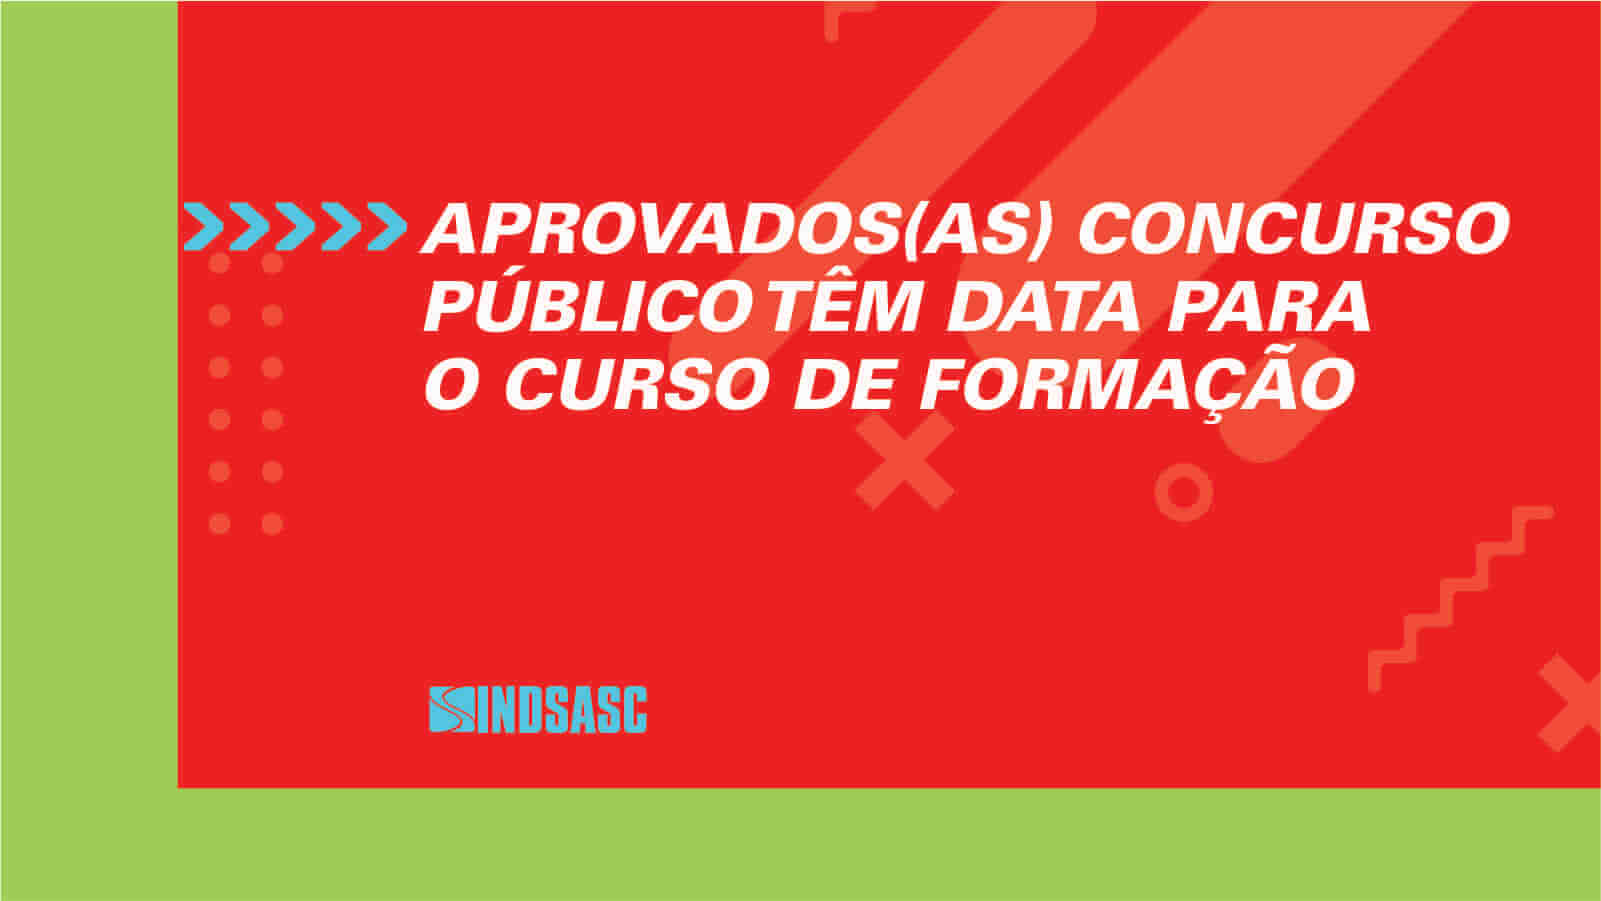 APROVADOS(AS) CONCURSO PÚBLICO TÊM DATA PARA O CURSO DE FORMAÇÃO